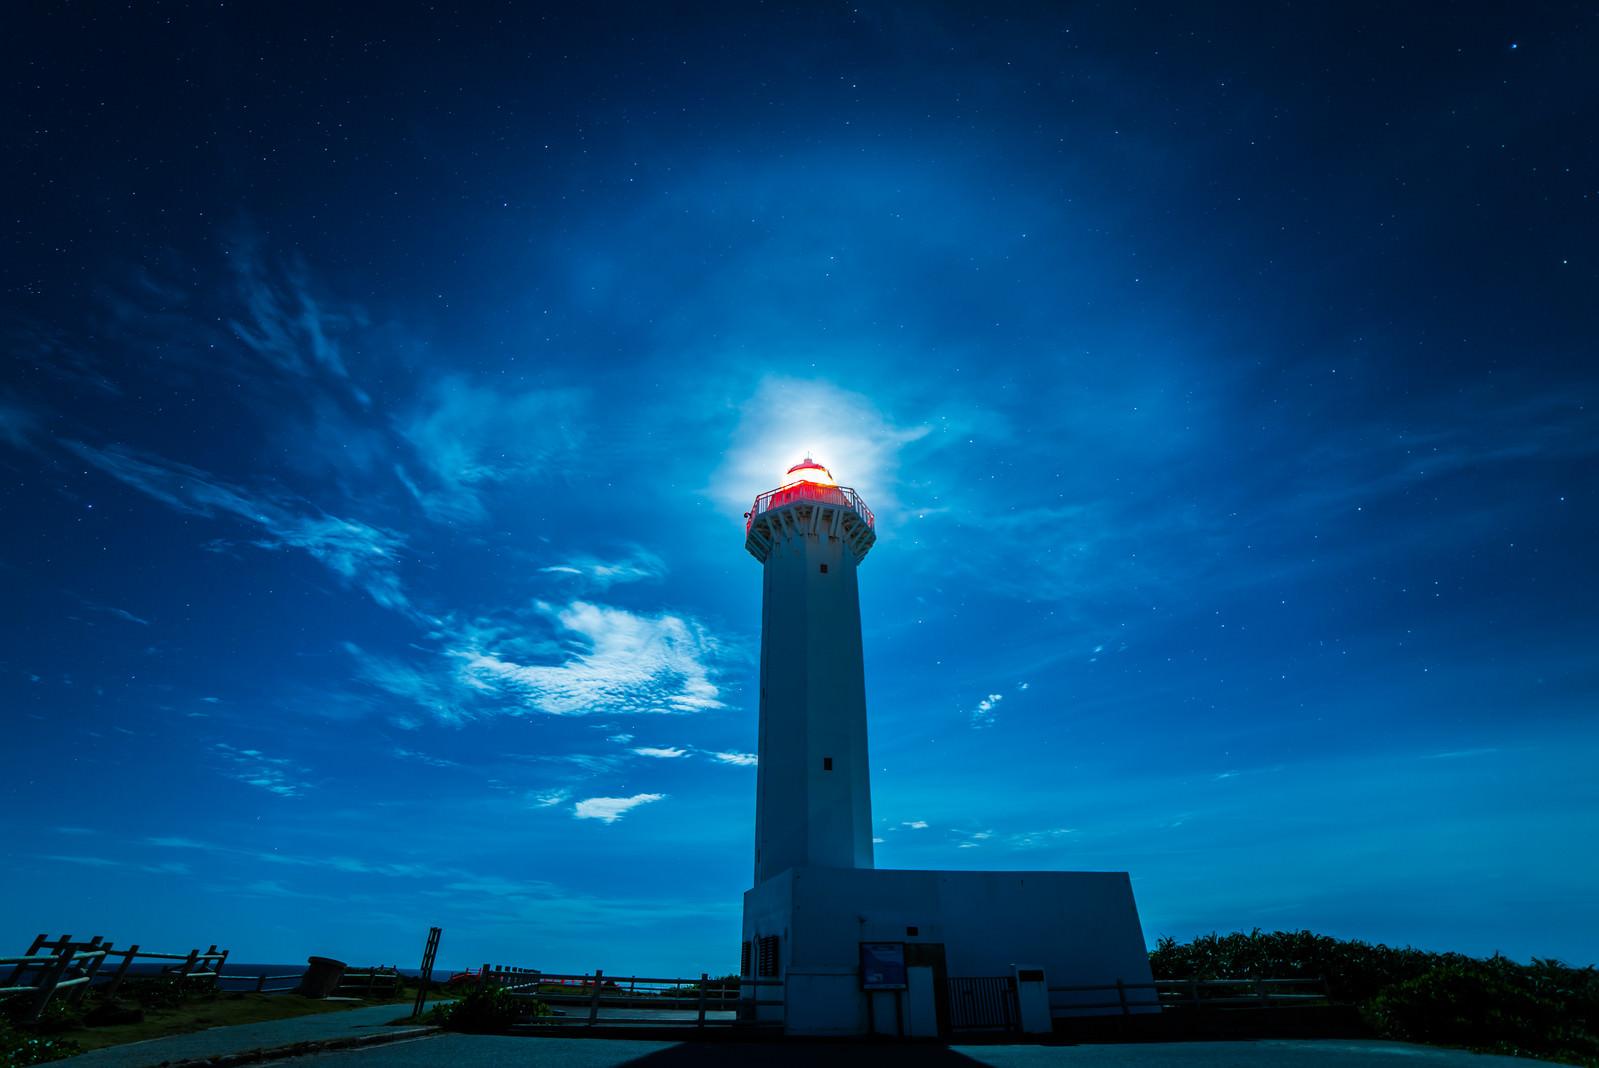 「平安名埼灯台と夜景平安名埼灯台と夜景」のフリー写真素材を拡大